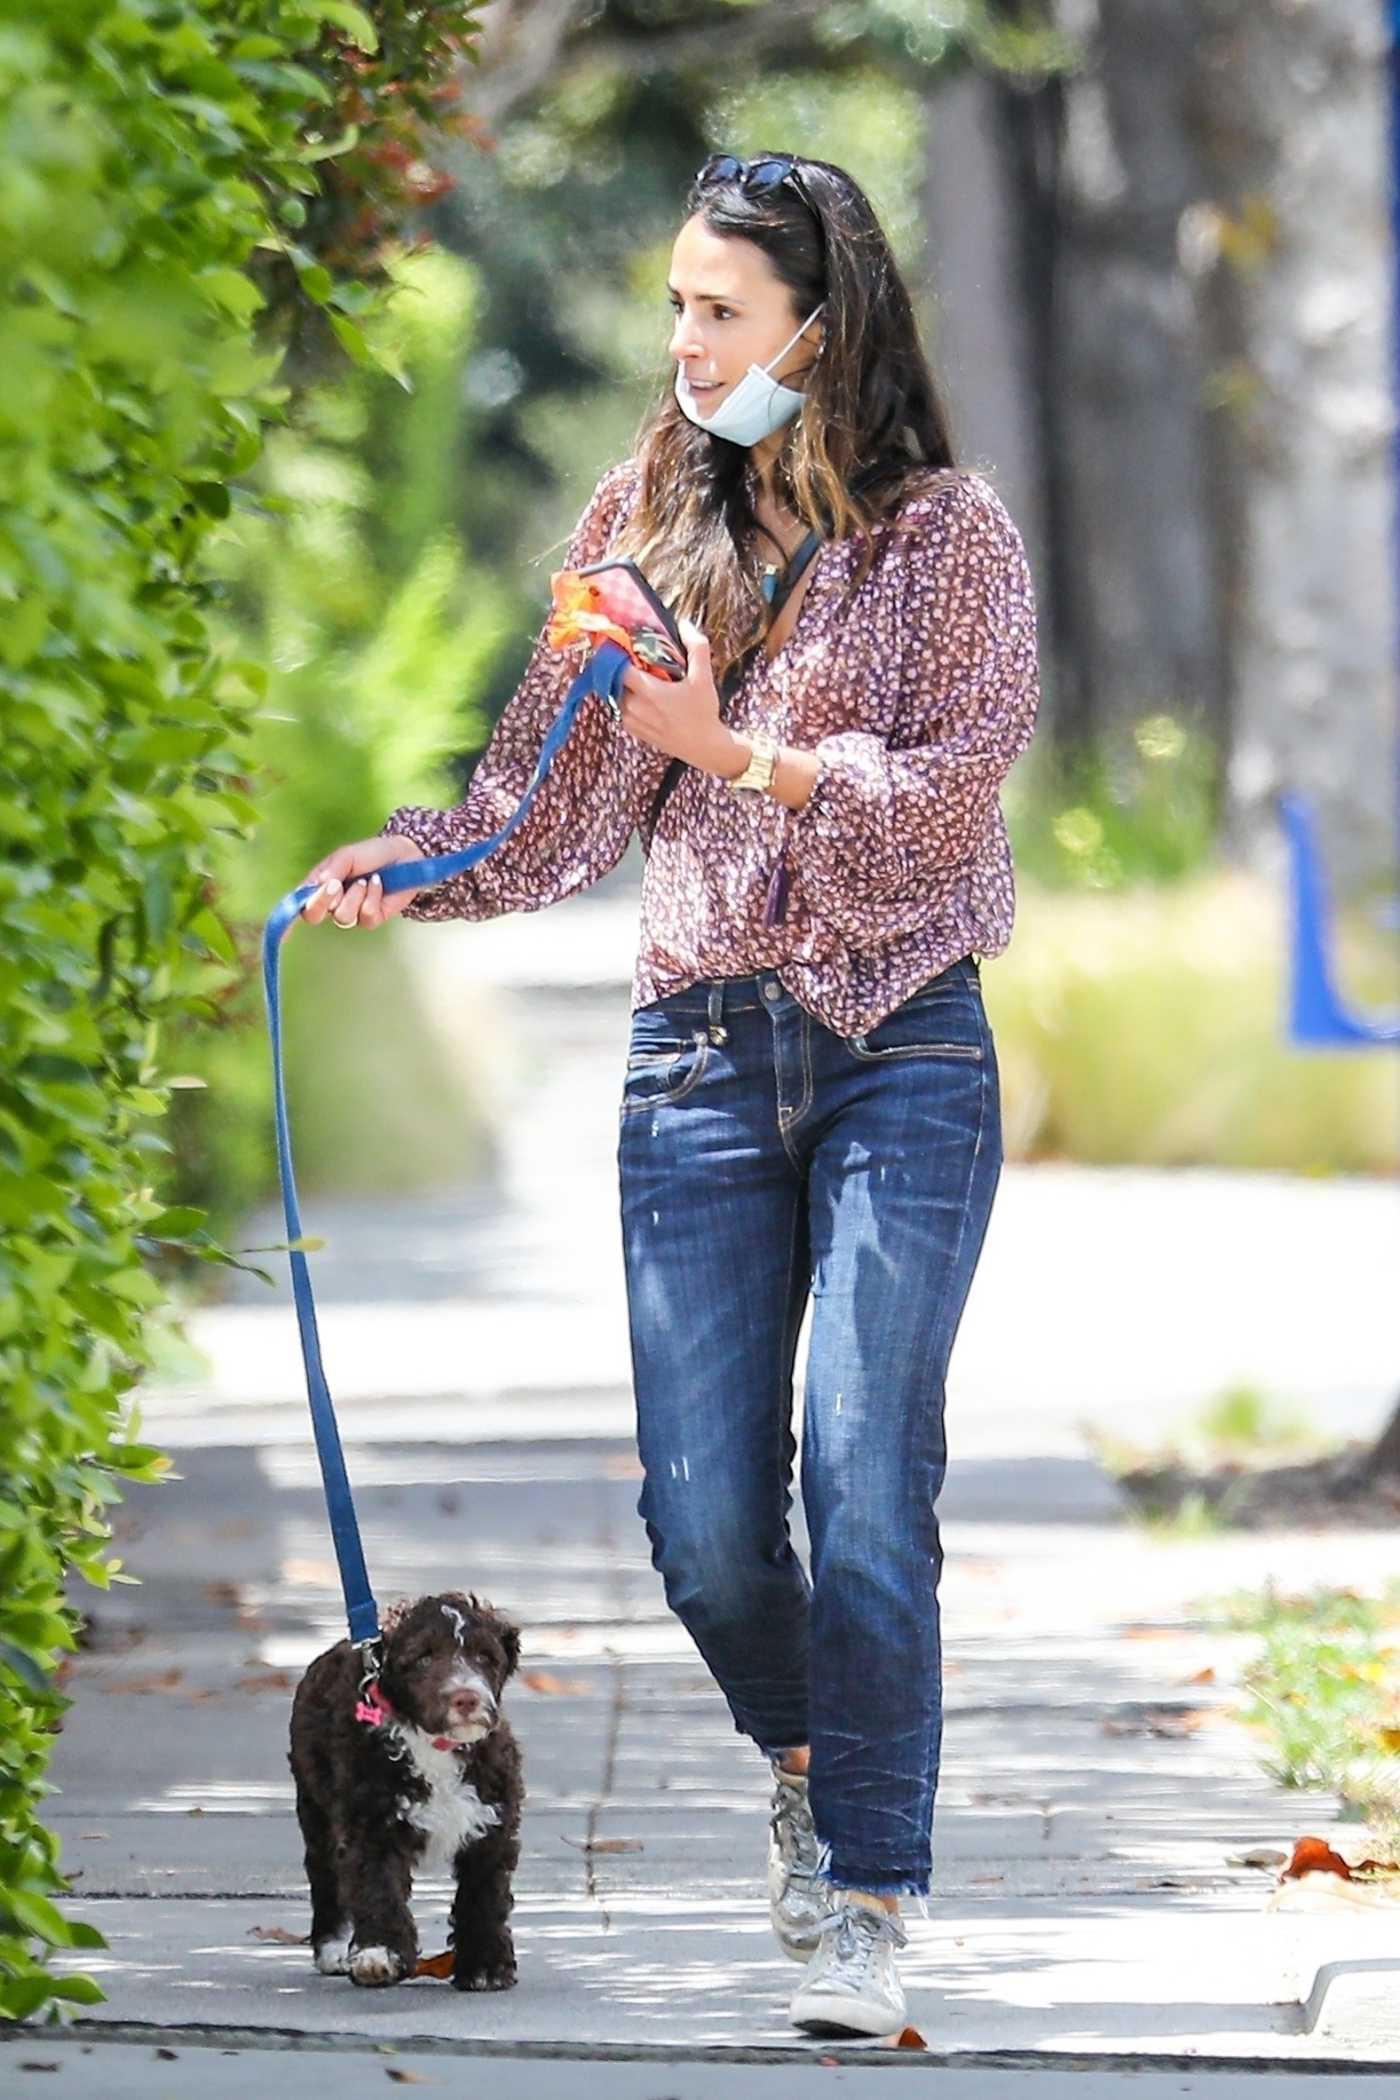 Jordana Brewster in a Protective Mask Walks Her Dog in Santa Monica 05/12/2020